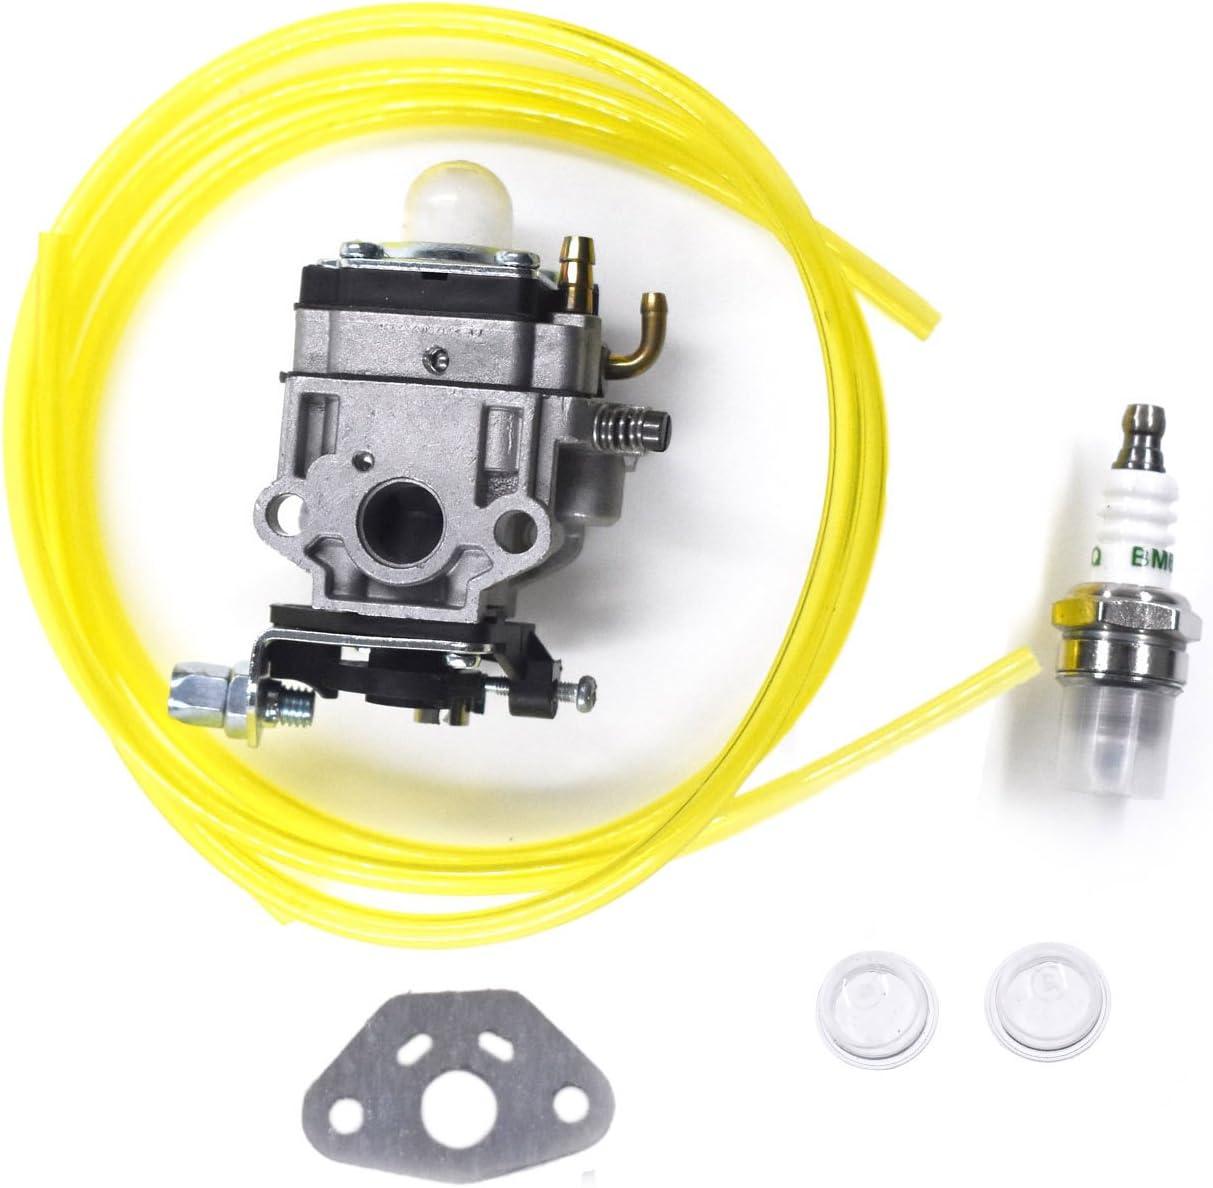 Carburetor for Echo PB-260L SRM-261S SRM260 SRM261 SRM-260S PPT-260 PPT-261